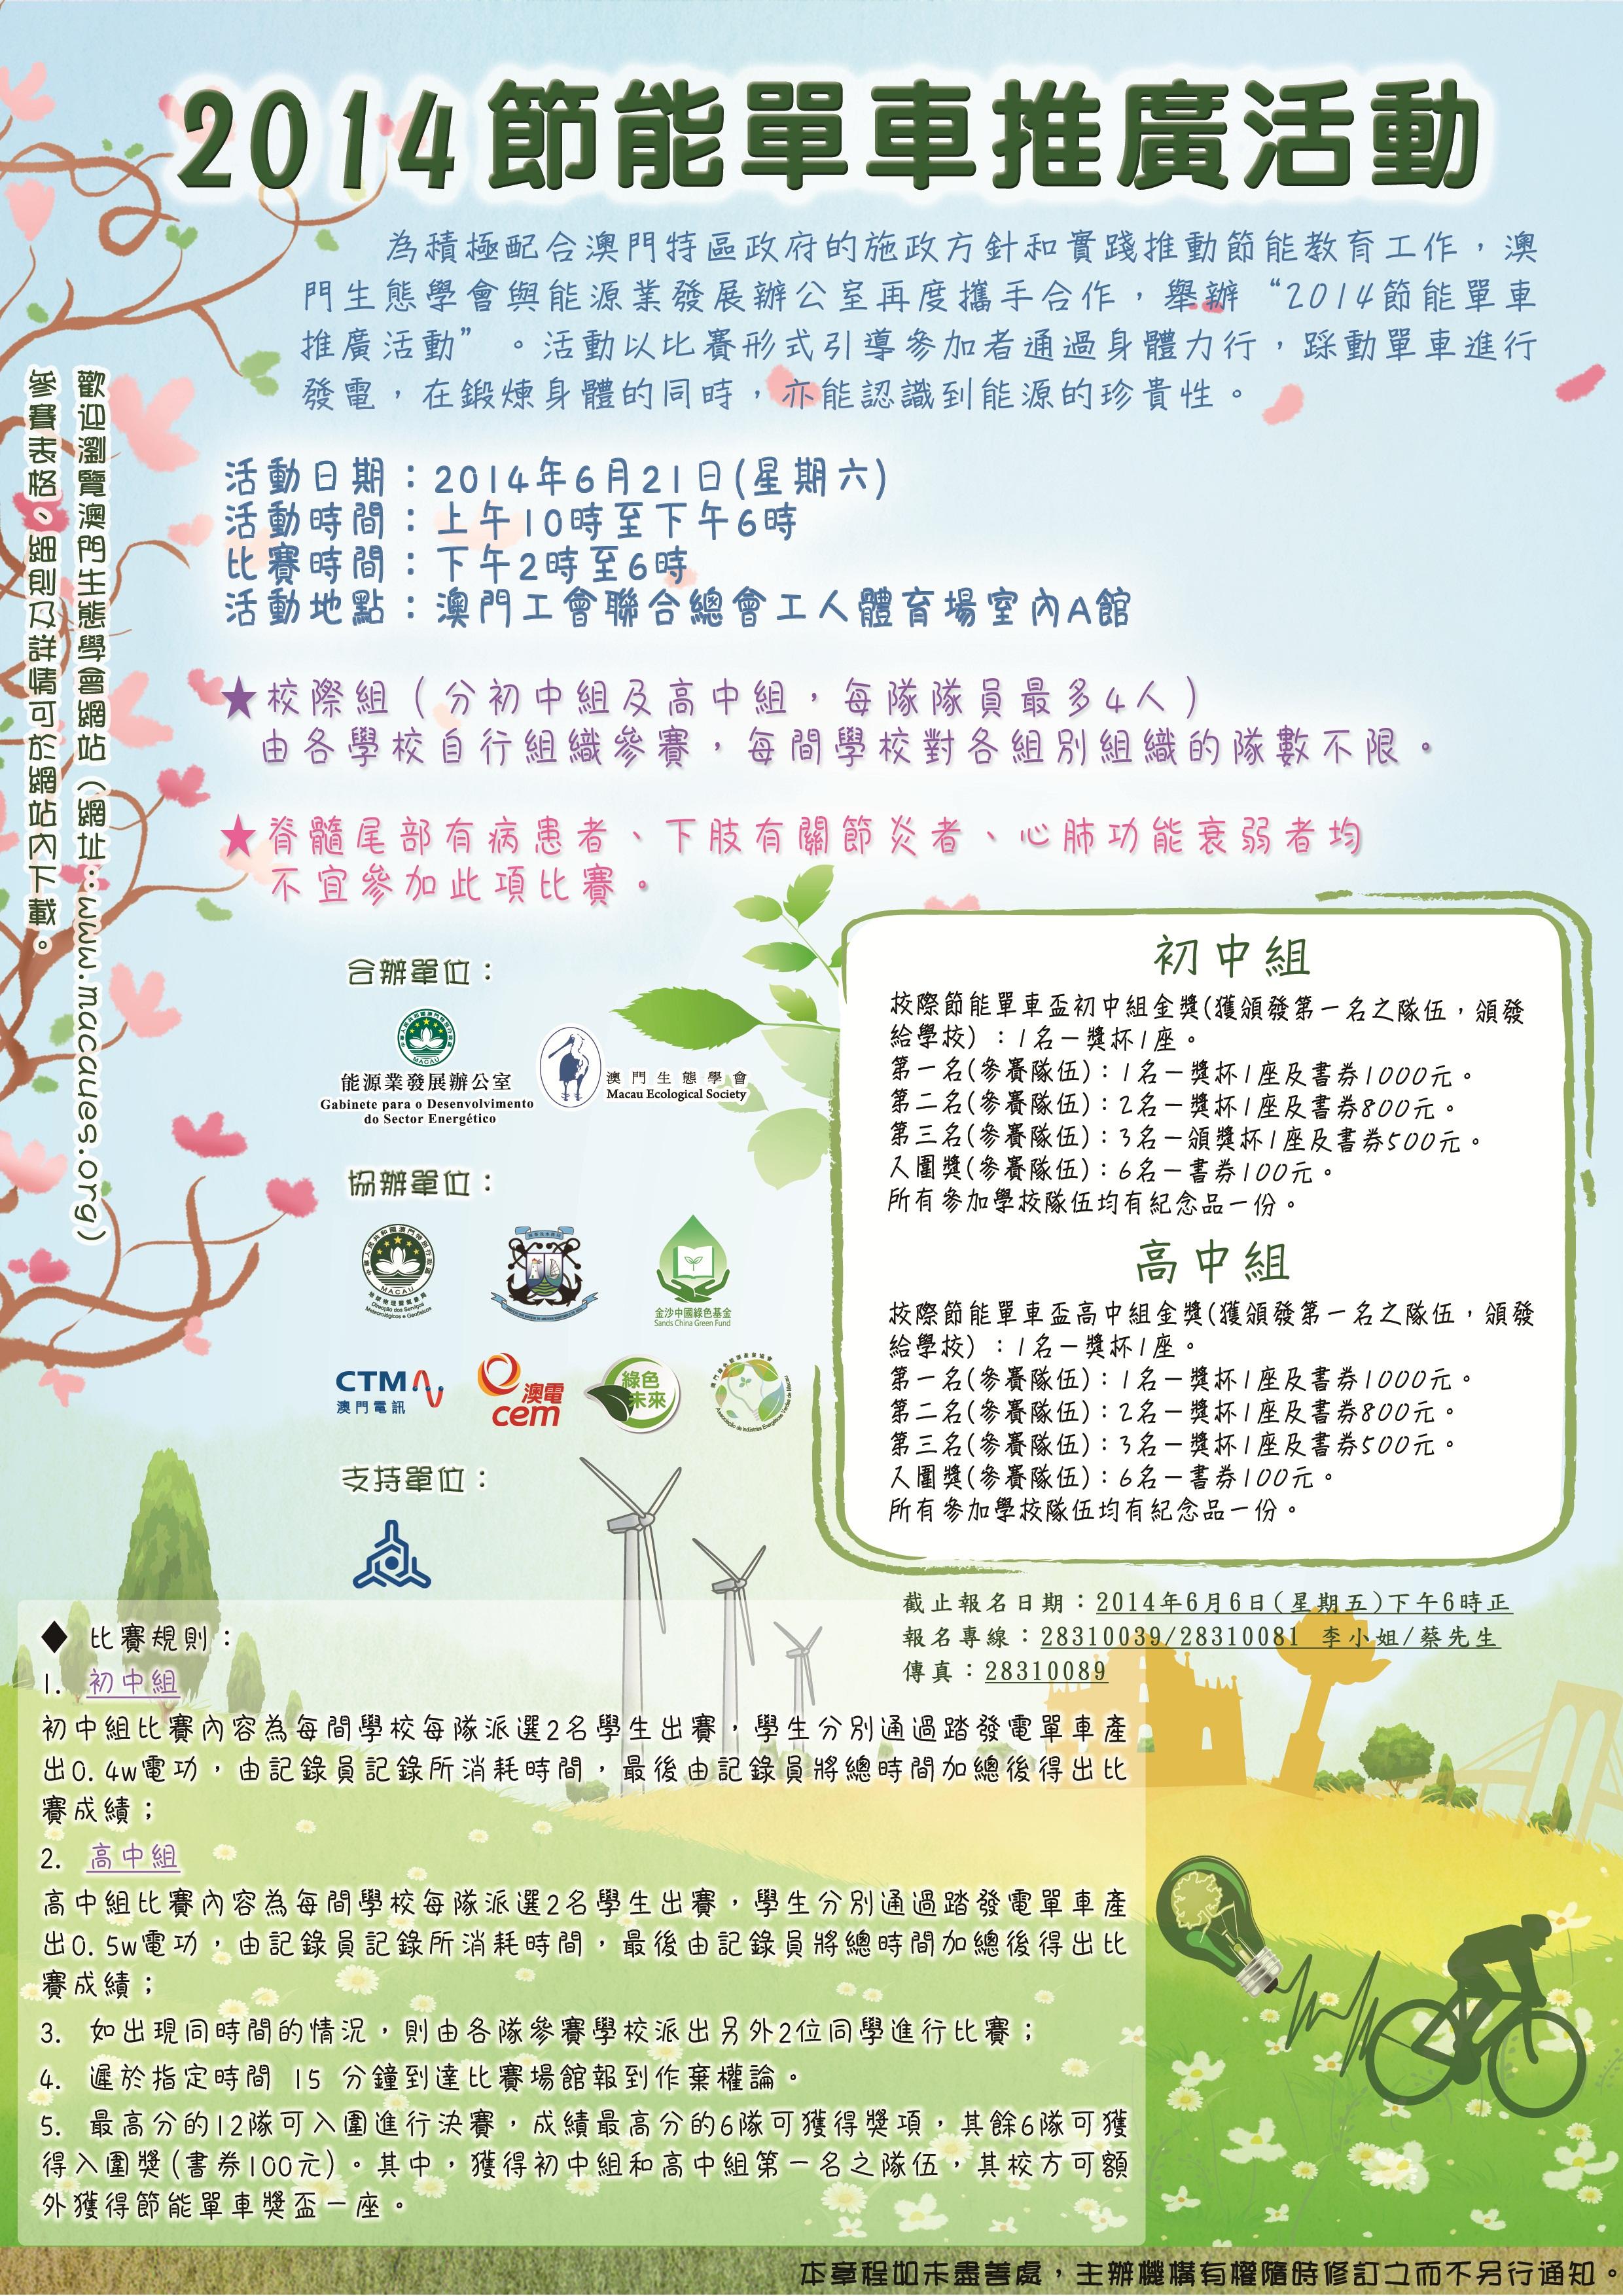 2014(校際組)海報